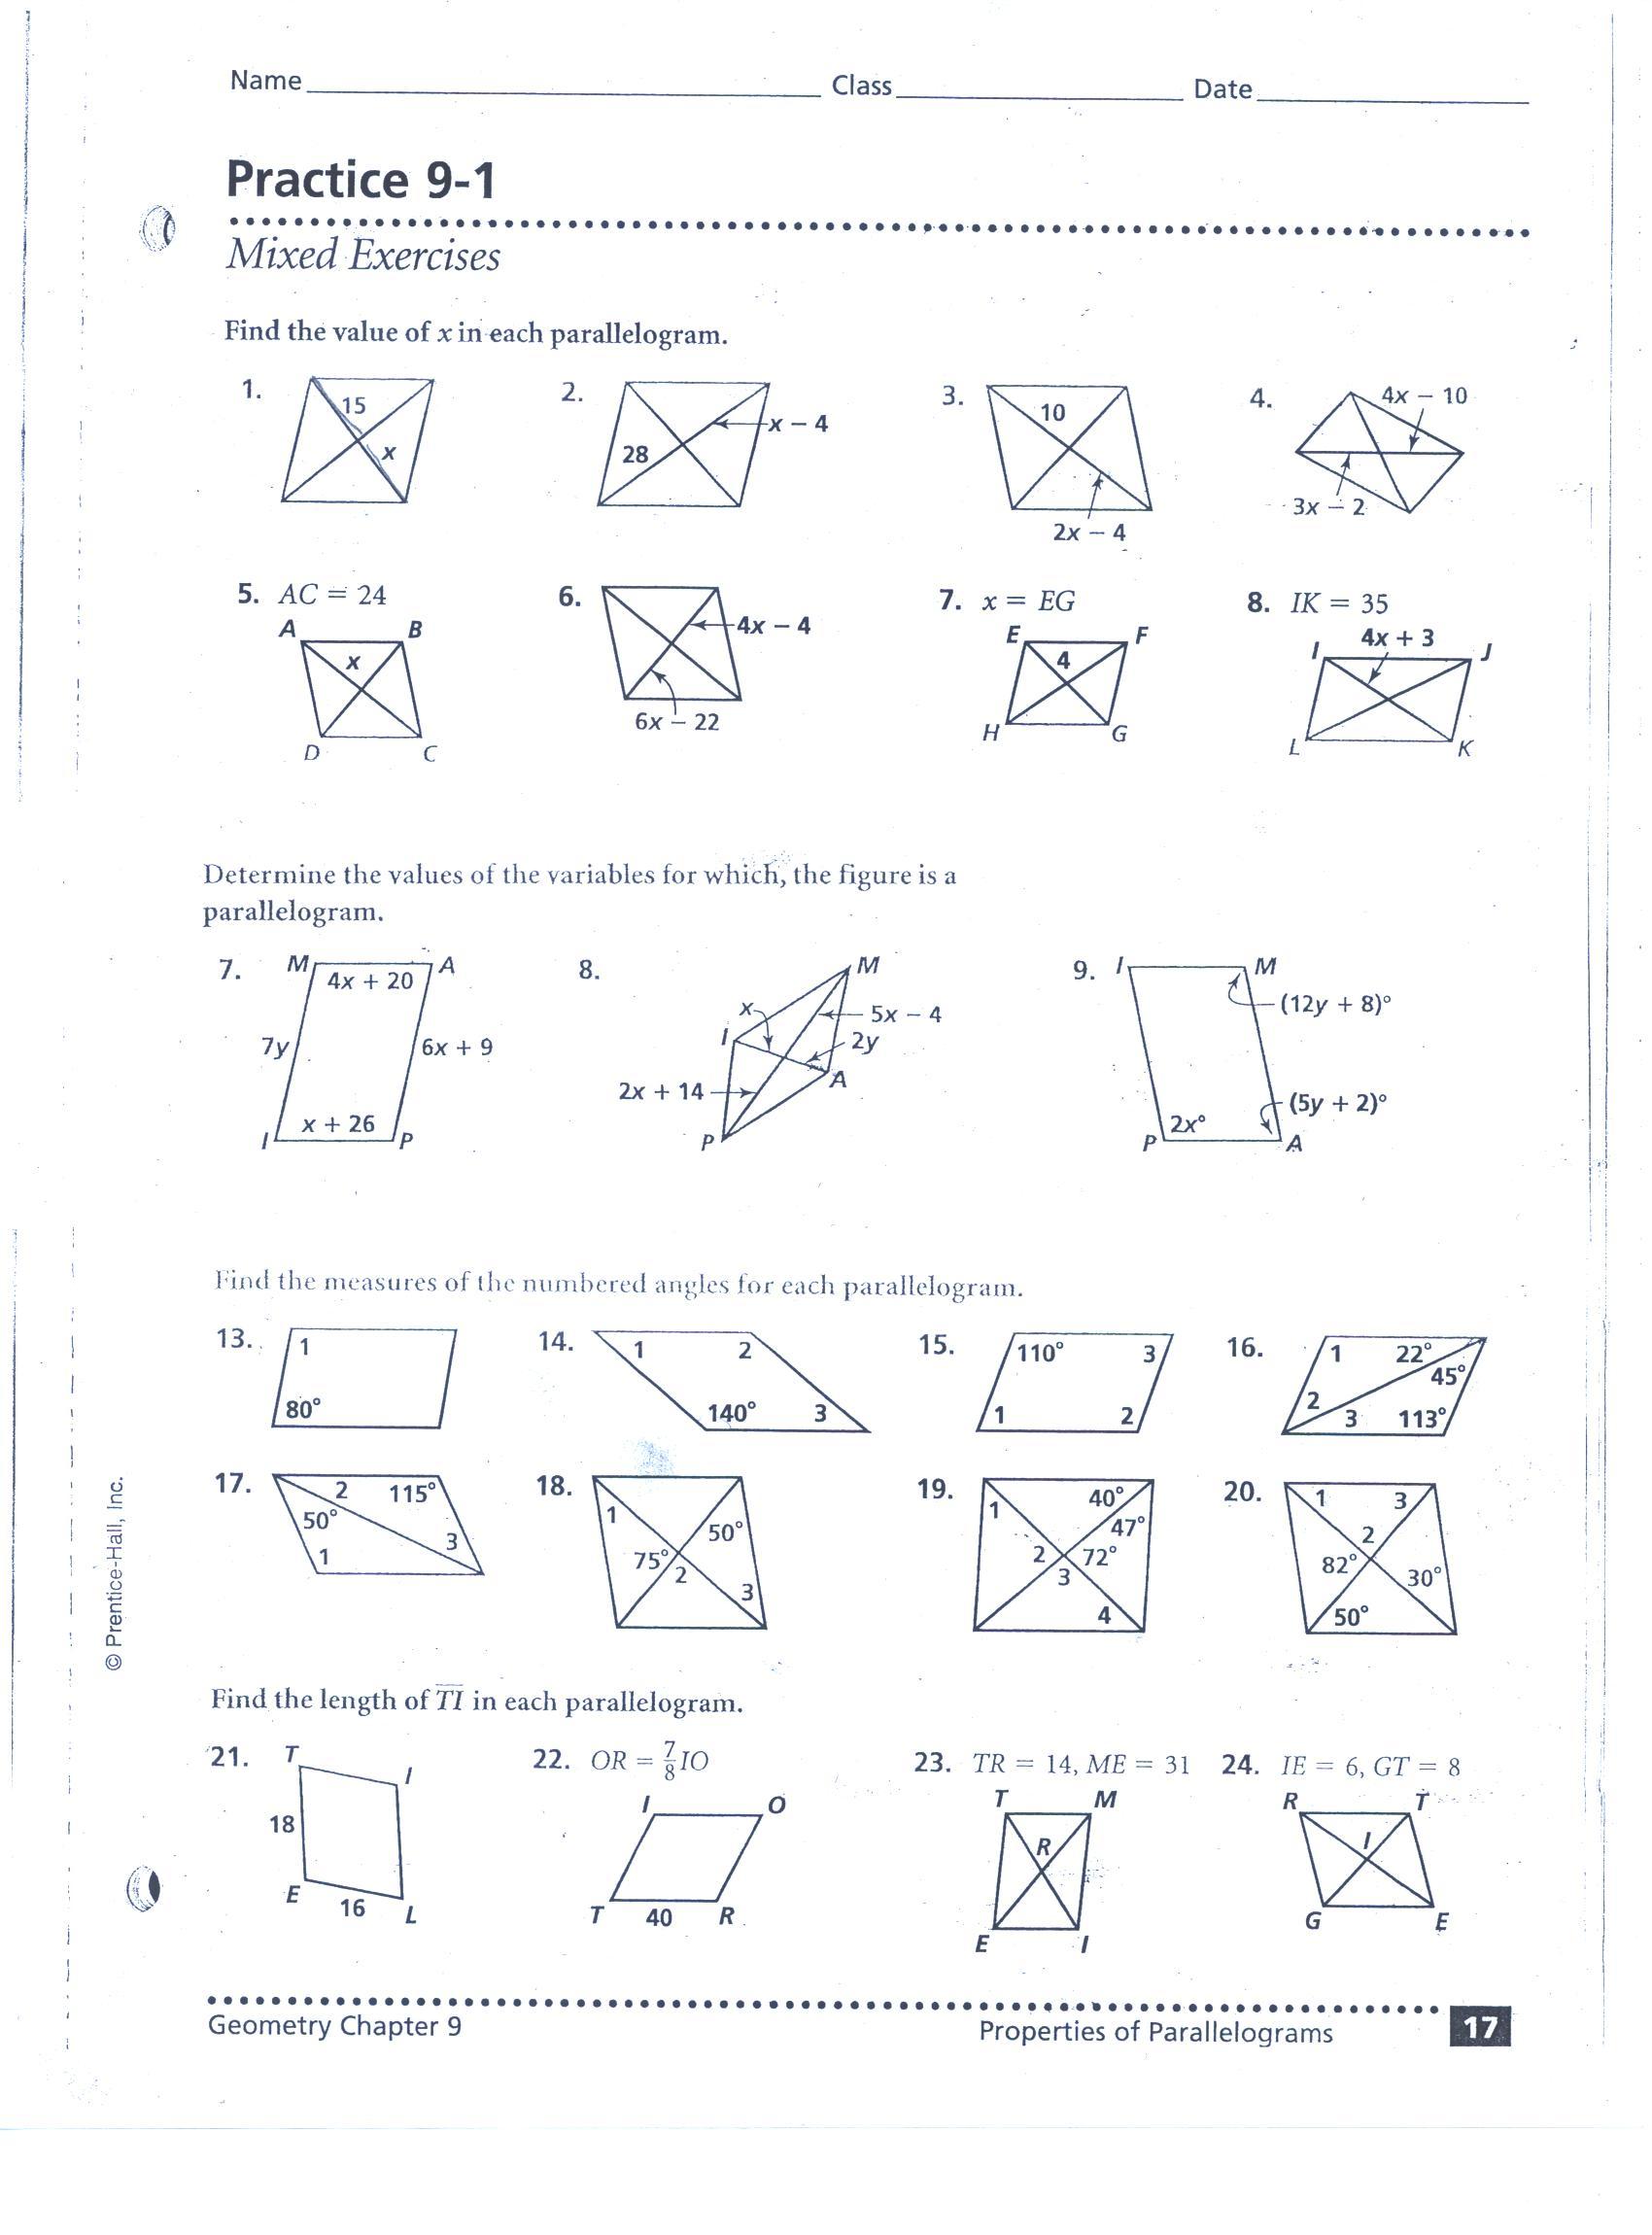 Worksheet On Parallelograms